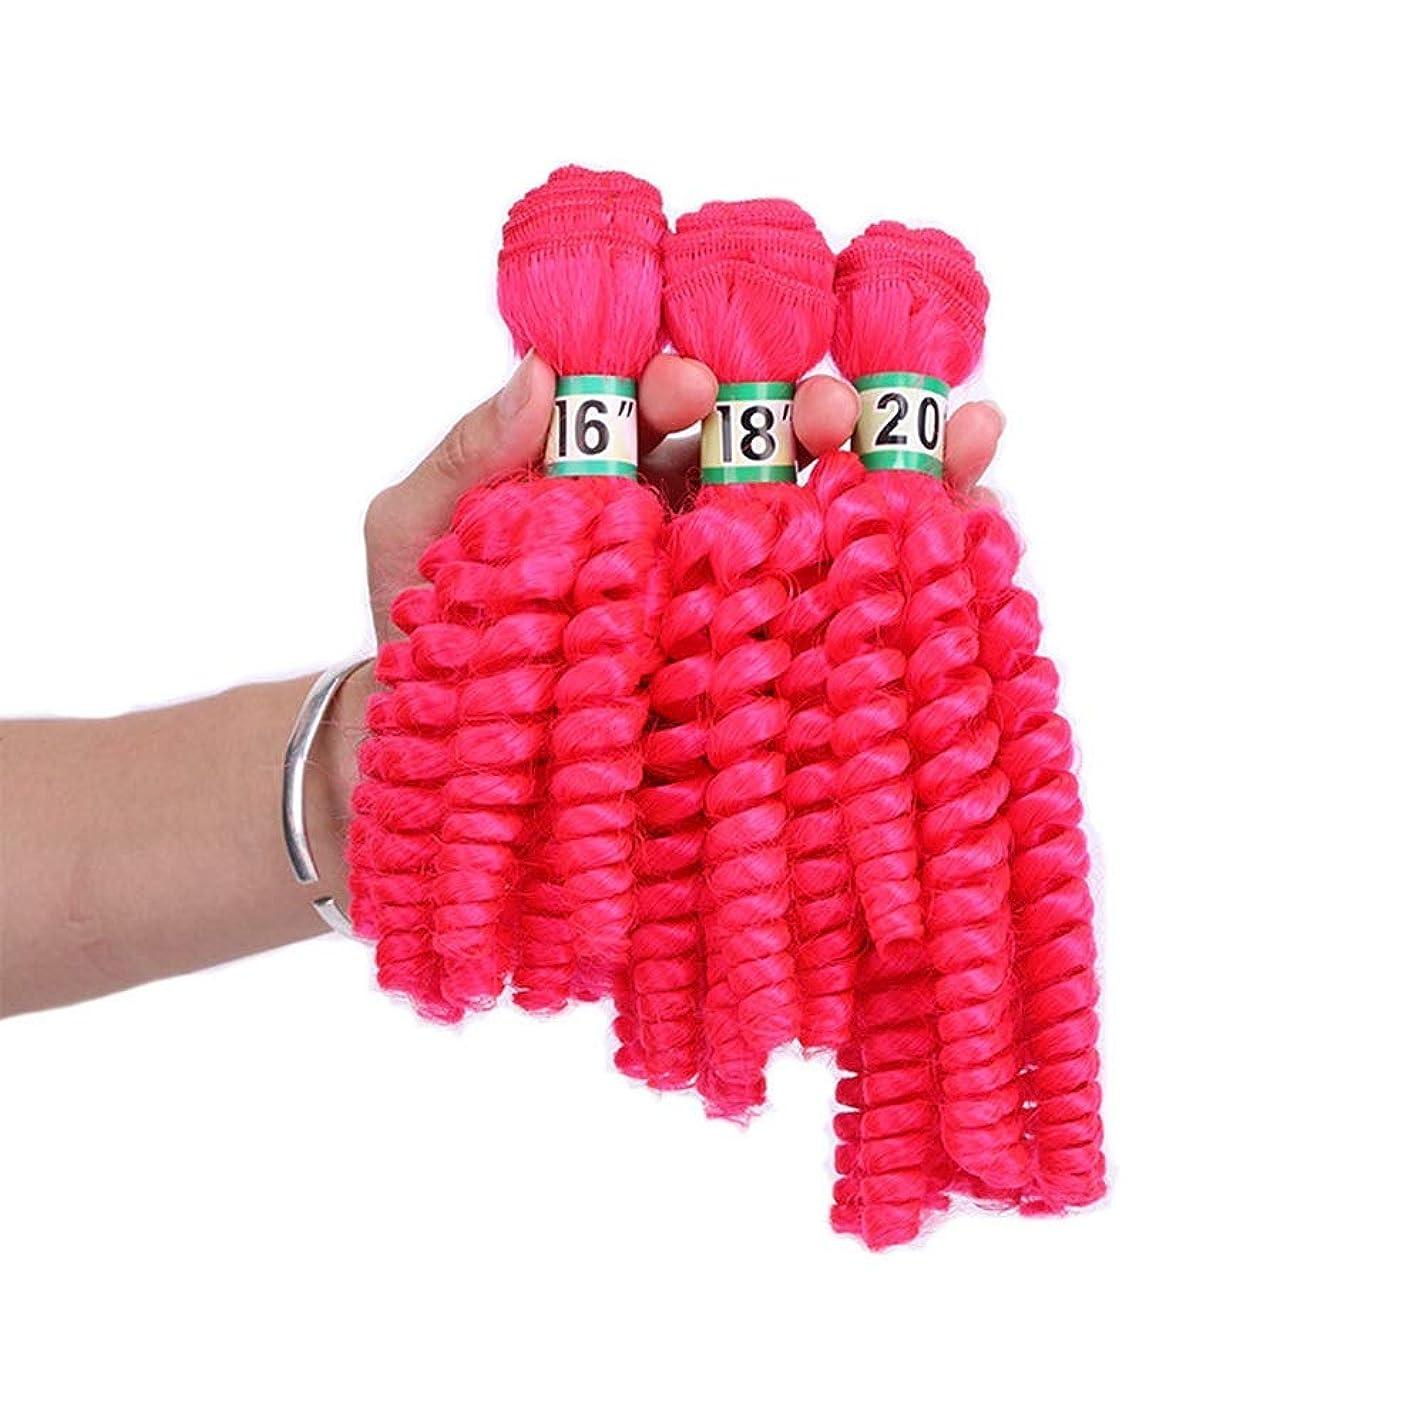 方言免除ホームレスYrattary Funmi巻き毛3束 - ピンクの髪の束ゆるい巻き毛の髪の拡張子70 g/pcフルヘッド複合ヘアレースかつらロールプレイングかつらロングとショートの女性自然 (色 : ピンク, サイズ : 18